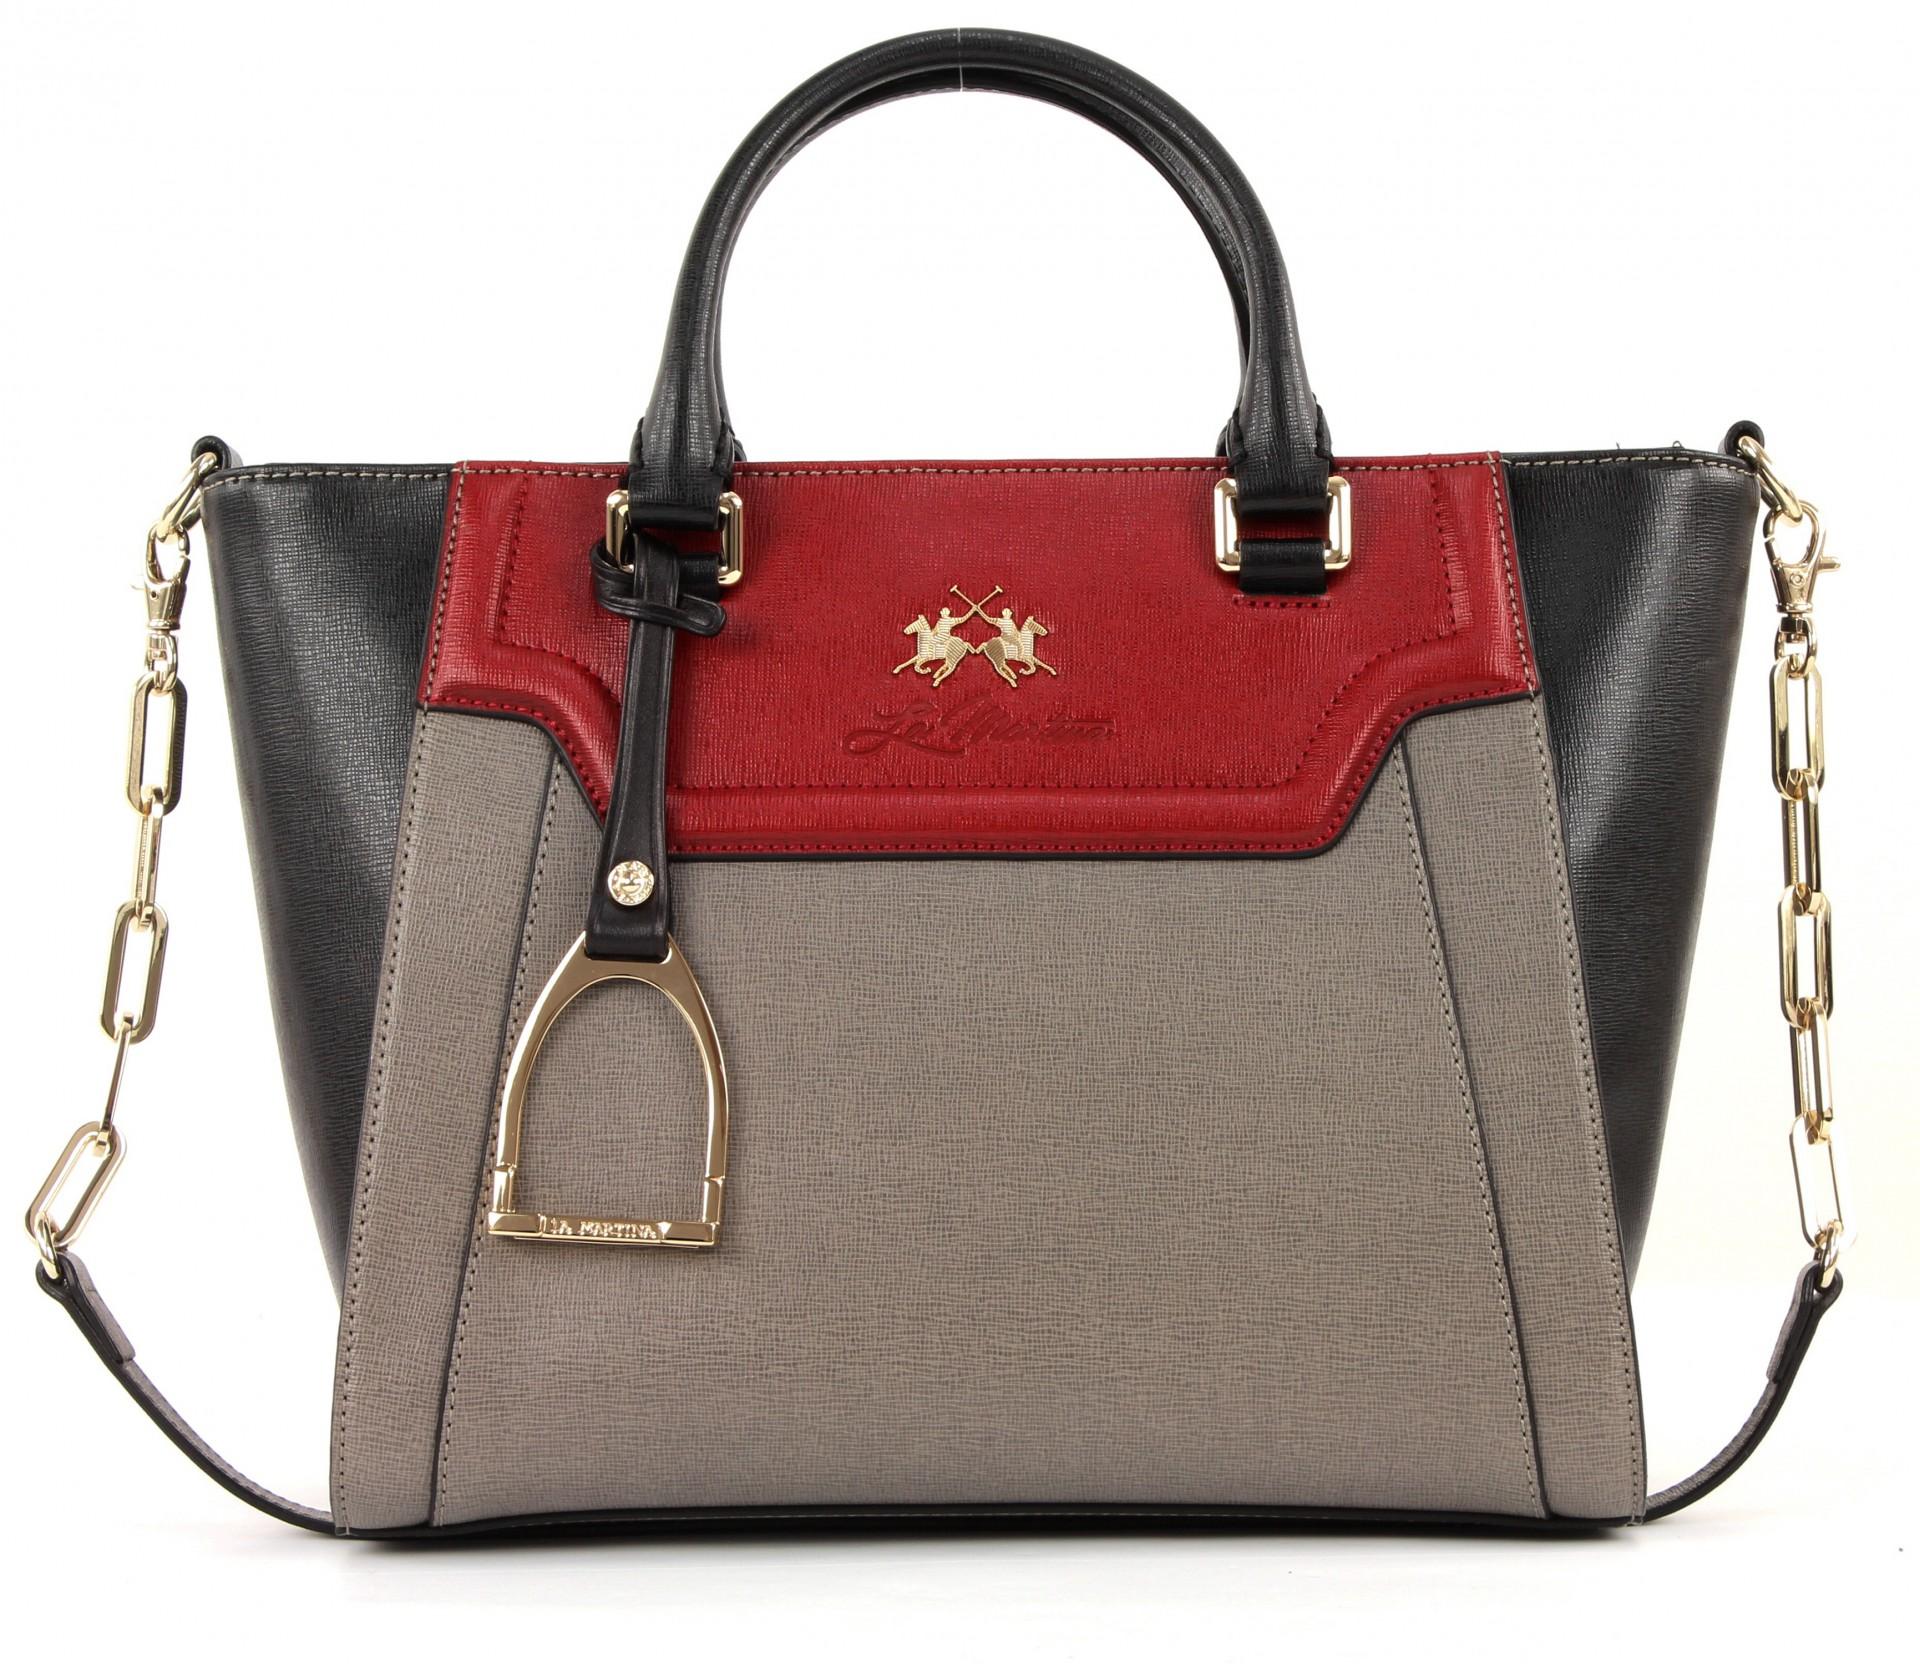 la martina new rodriquez medium handbag tasche handtasche. Black Bedroom Furniture Sets. Home Design Ideas